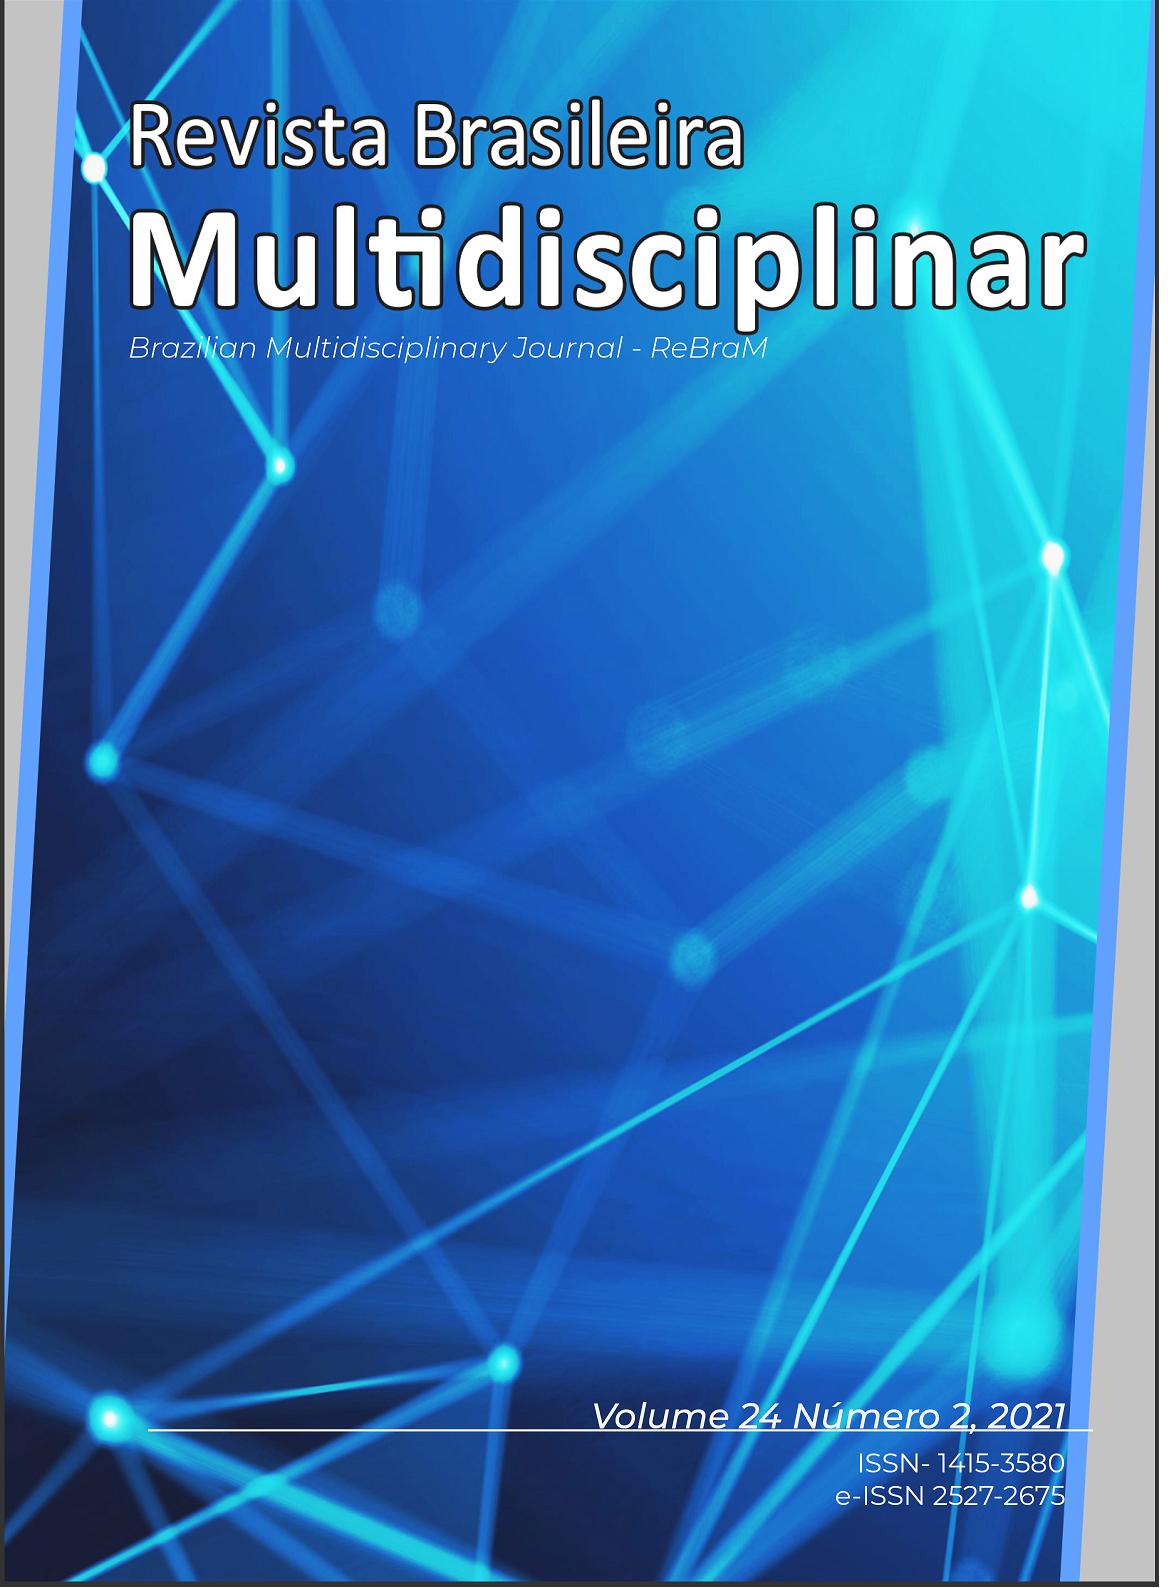 Revista Brasileira Multidisciplinar-ReBraM